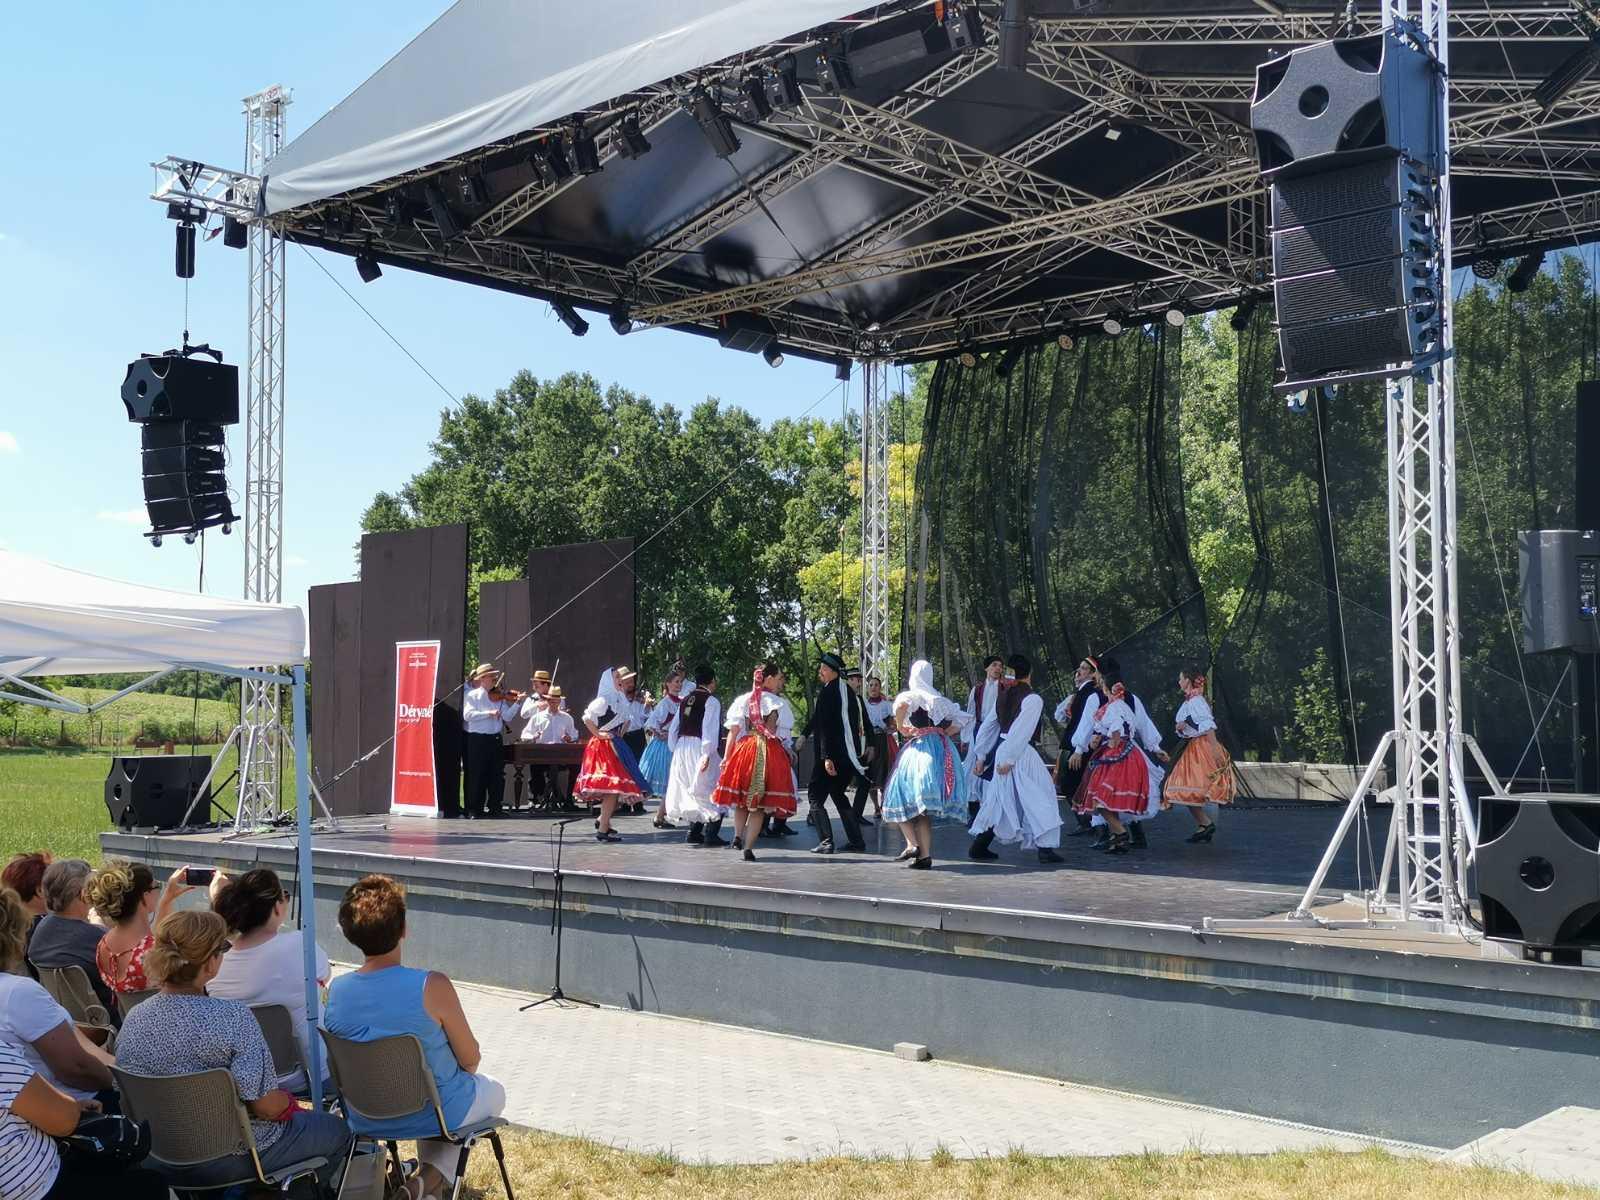 Közösségépítő kultúránk rendezvénysorozat indult Kápolnásnyéken